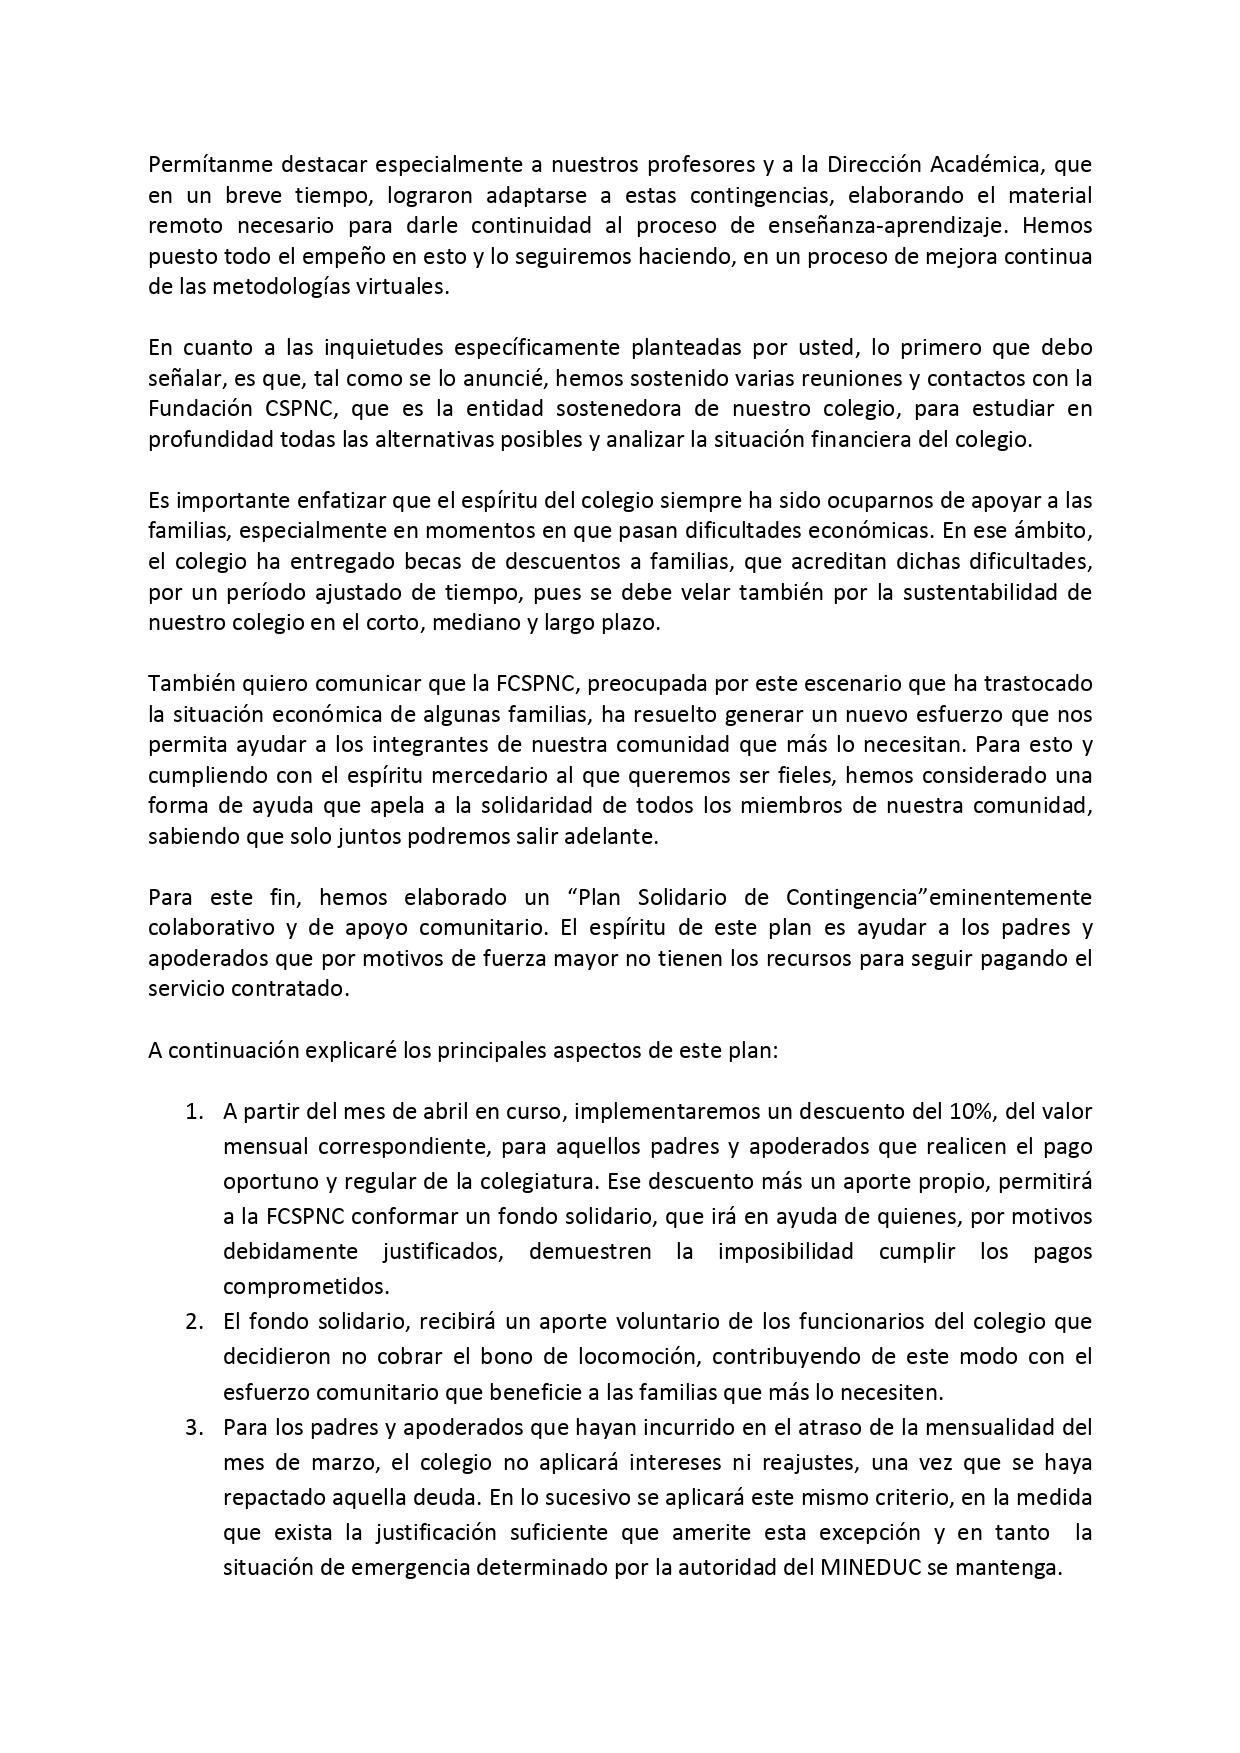 RESPUESTA RECTORA_2